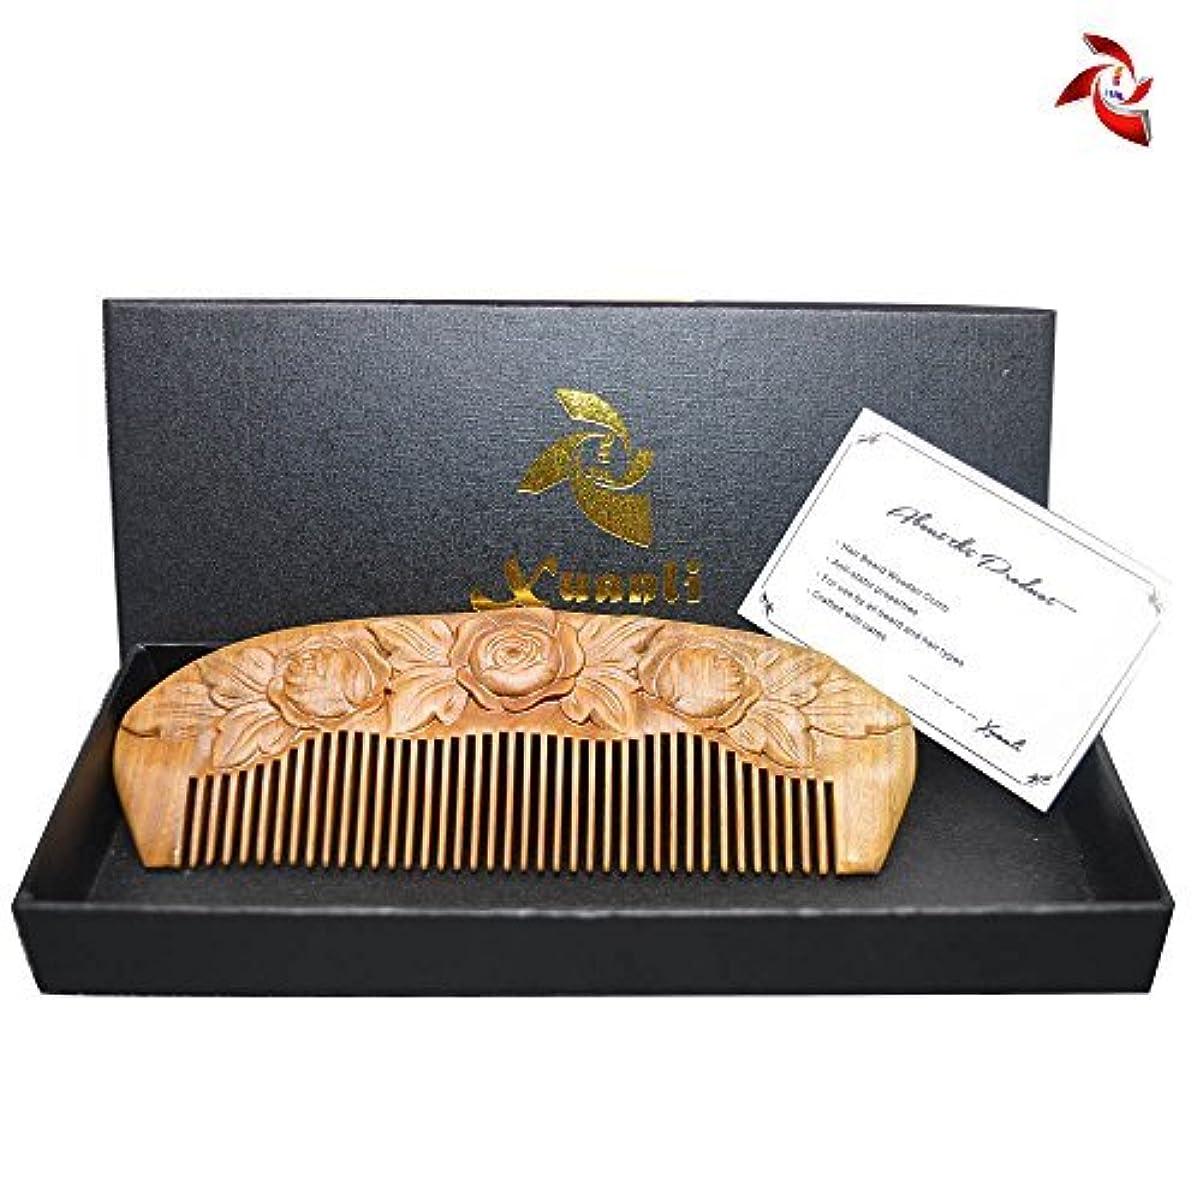 噛む生まれコーチXuanli Wood Combs Carving roses design Natural Green Sandalwood Combs Top Quality Handmade Combs For Hair No Static...